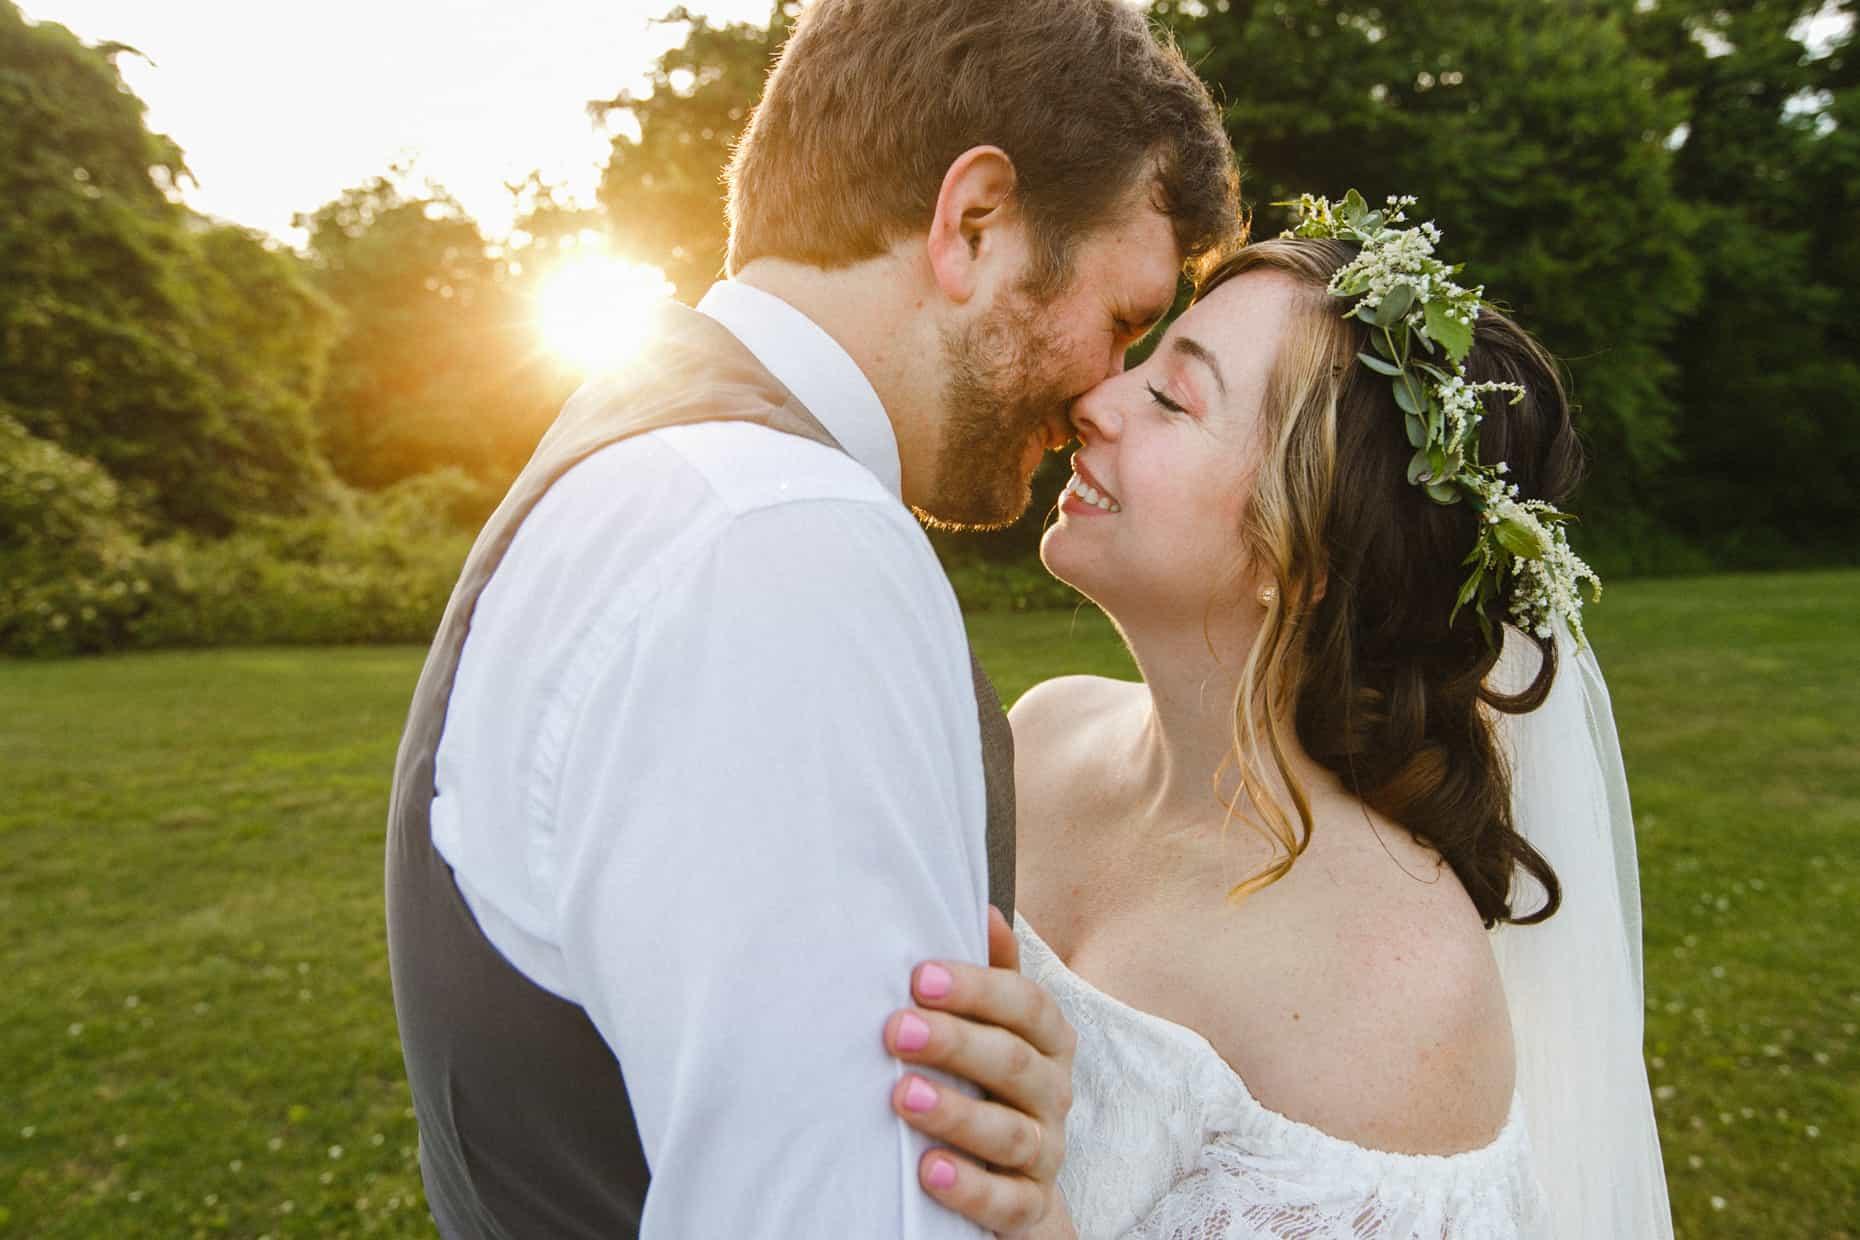 St. Michael's Park wedding Photographer Phoenixville